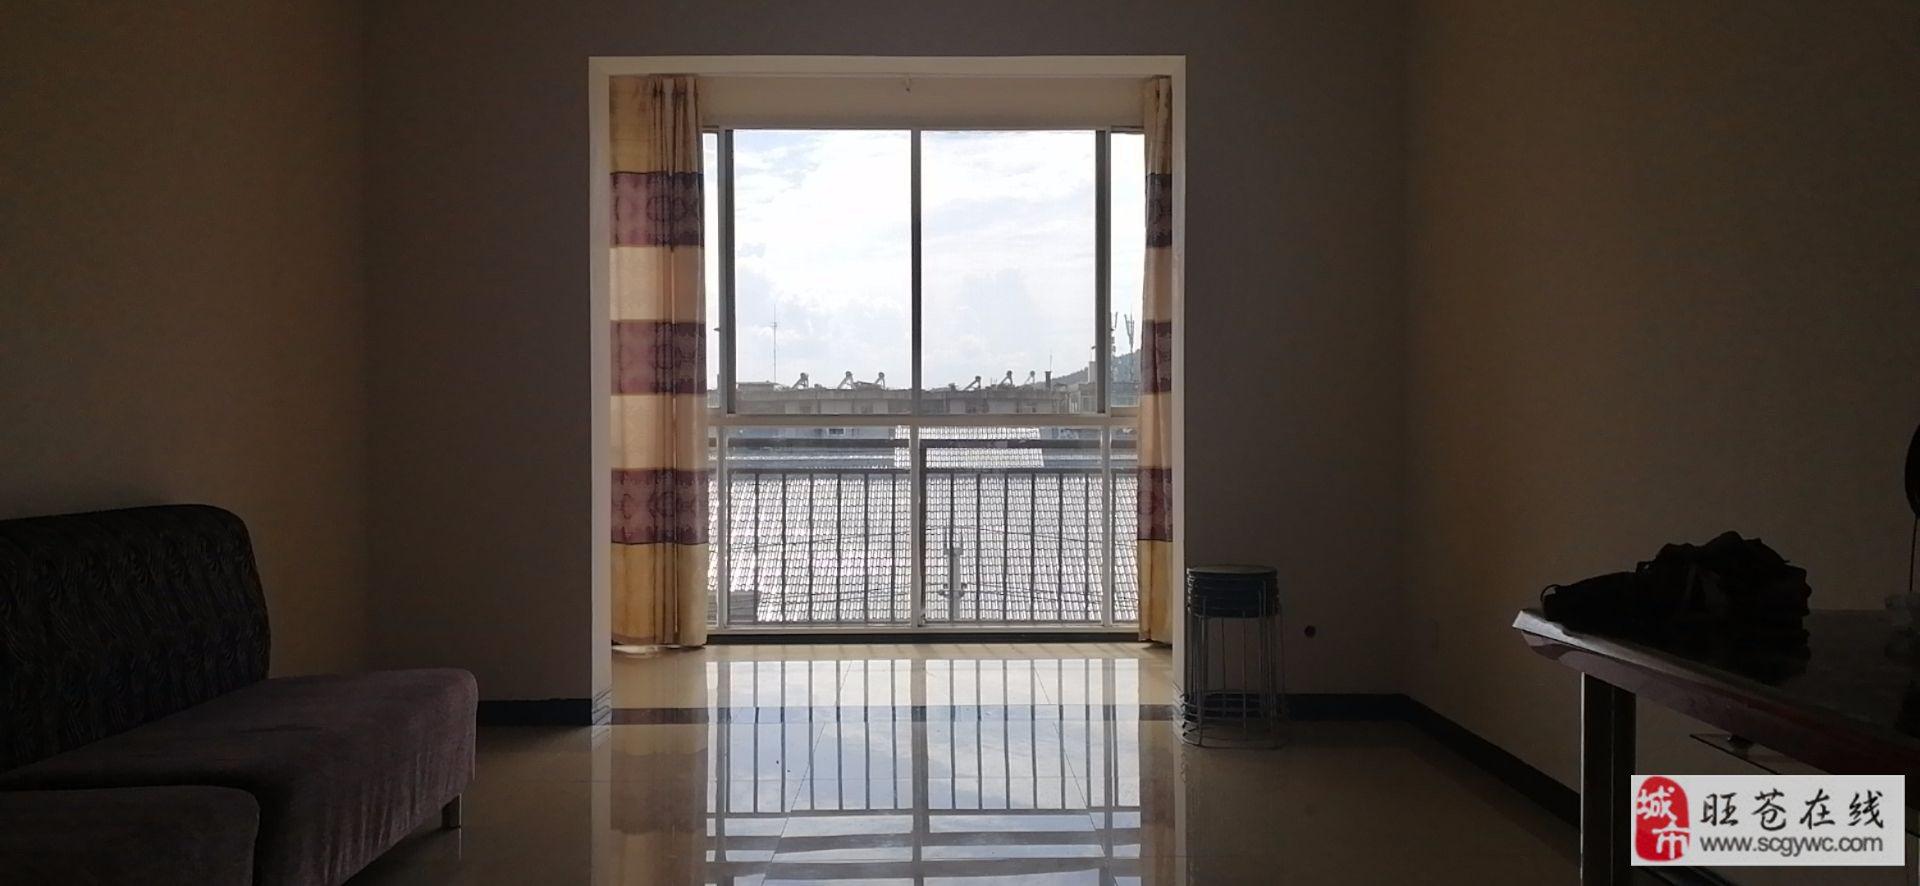 售清江怡苑安置房双证齐全舒适大两室采光好户型正